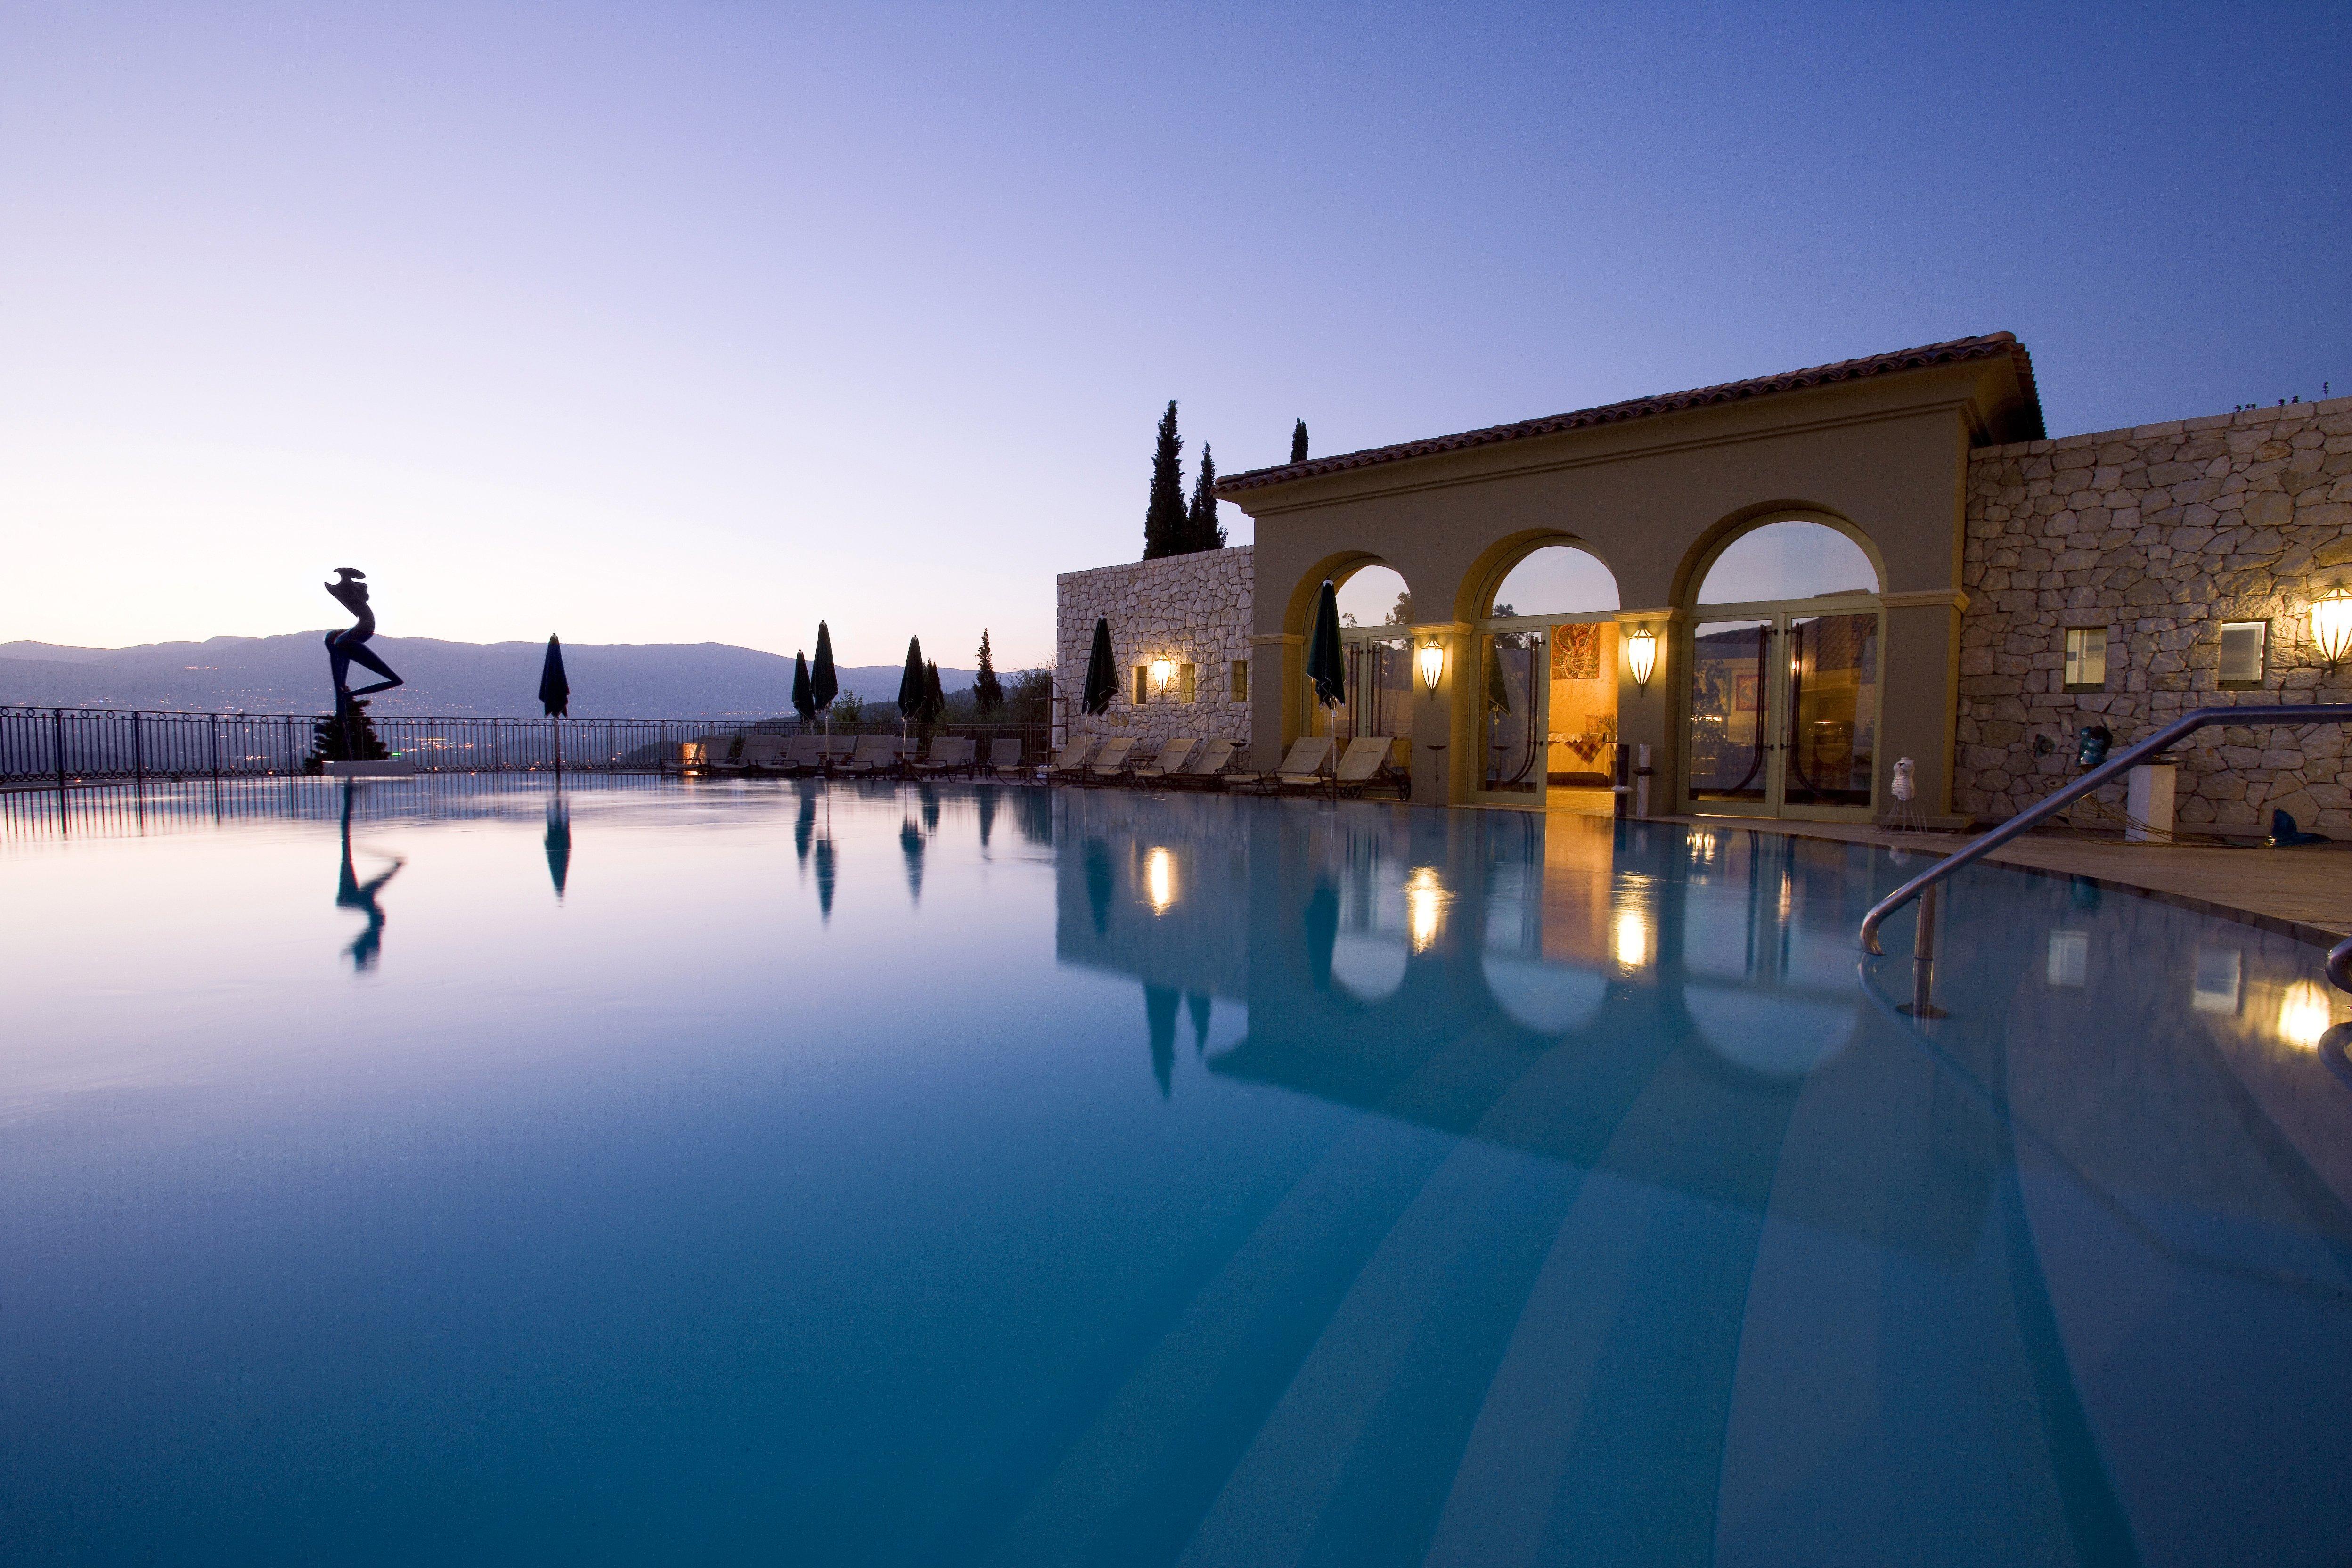 le-mas-candille-luxury-hotel